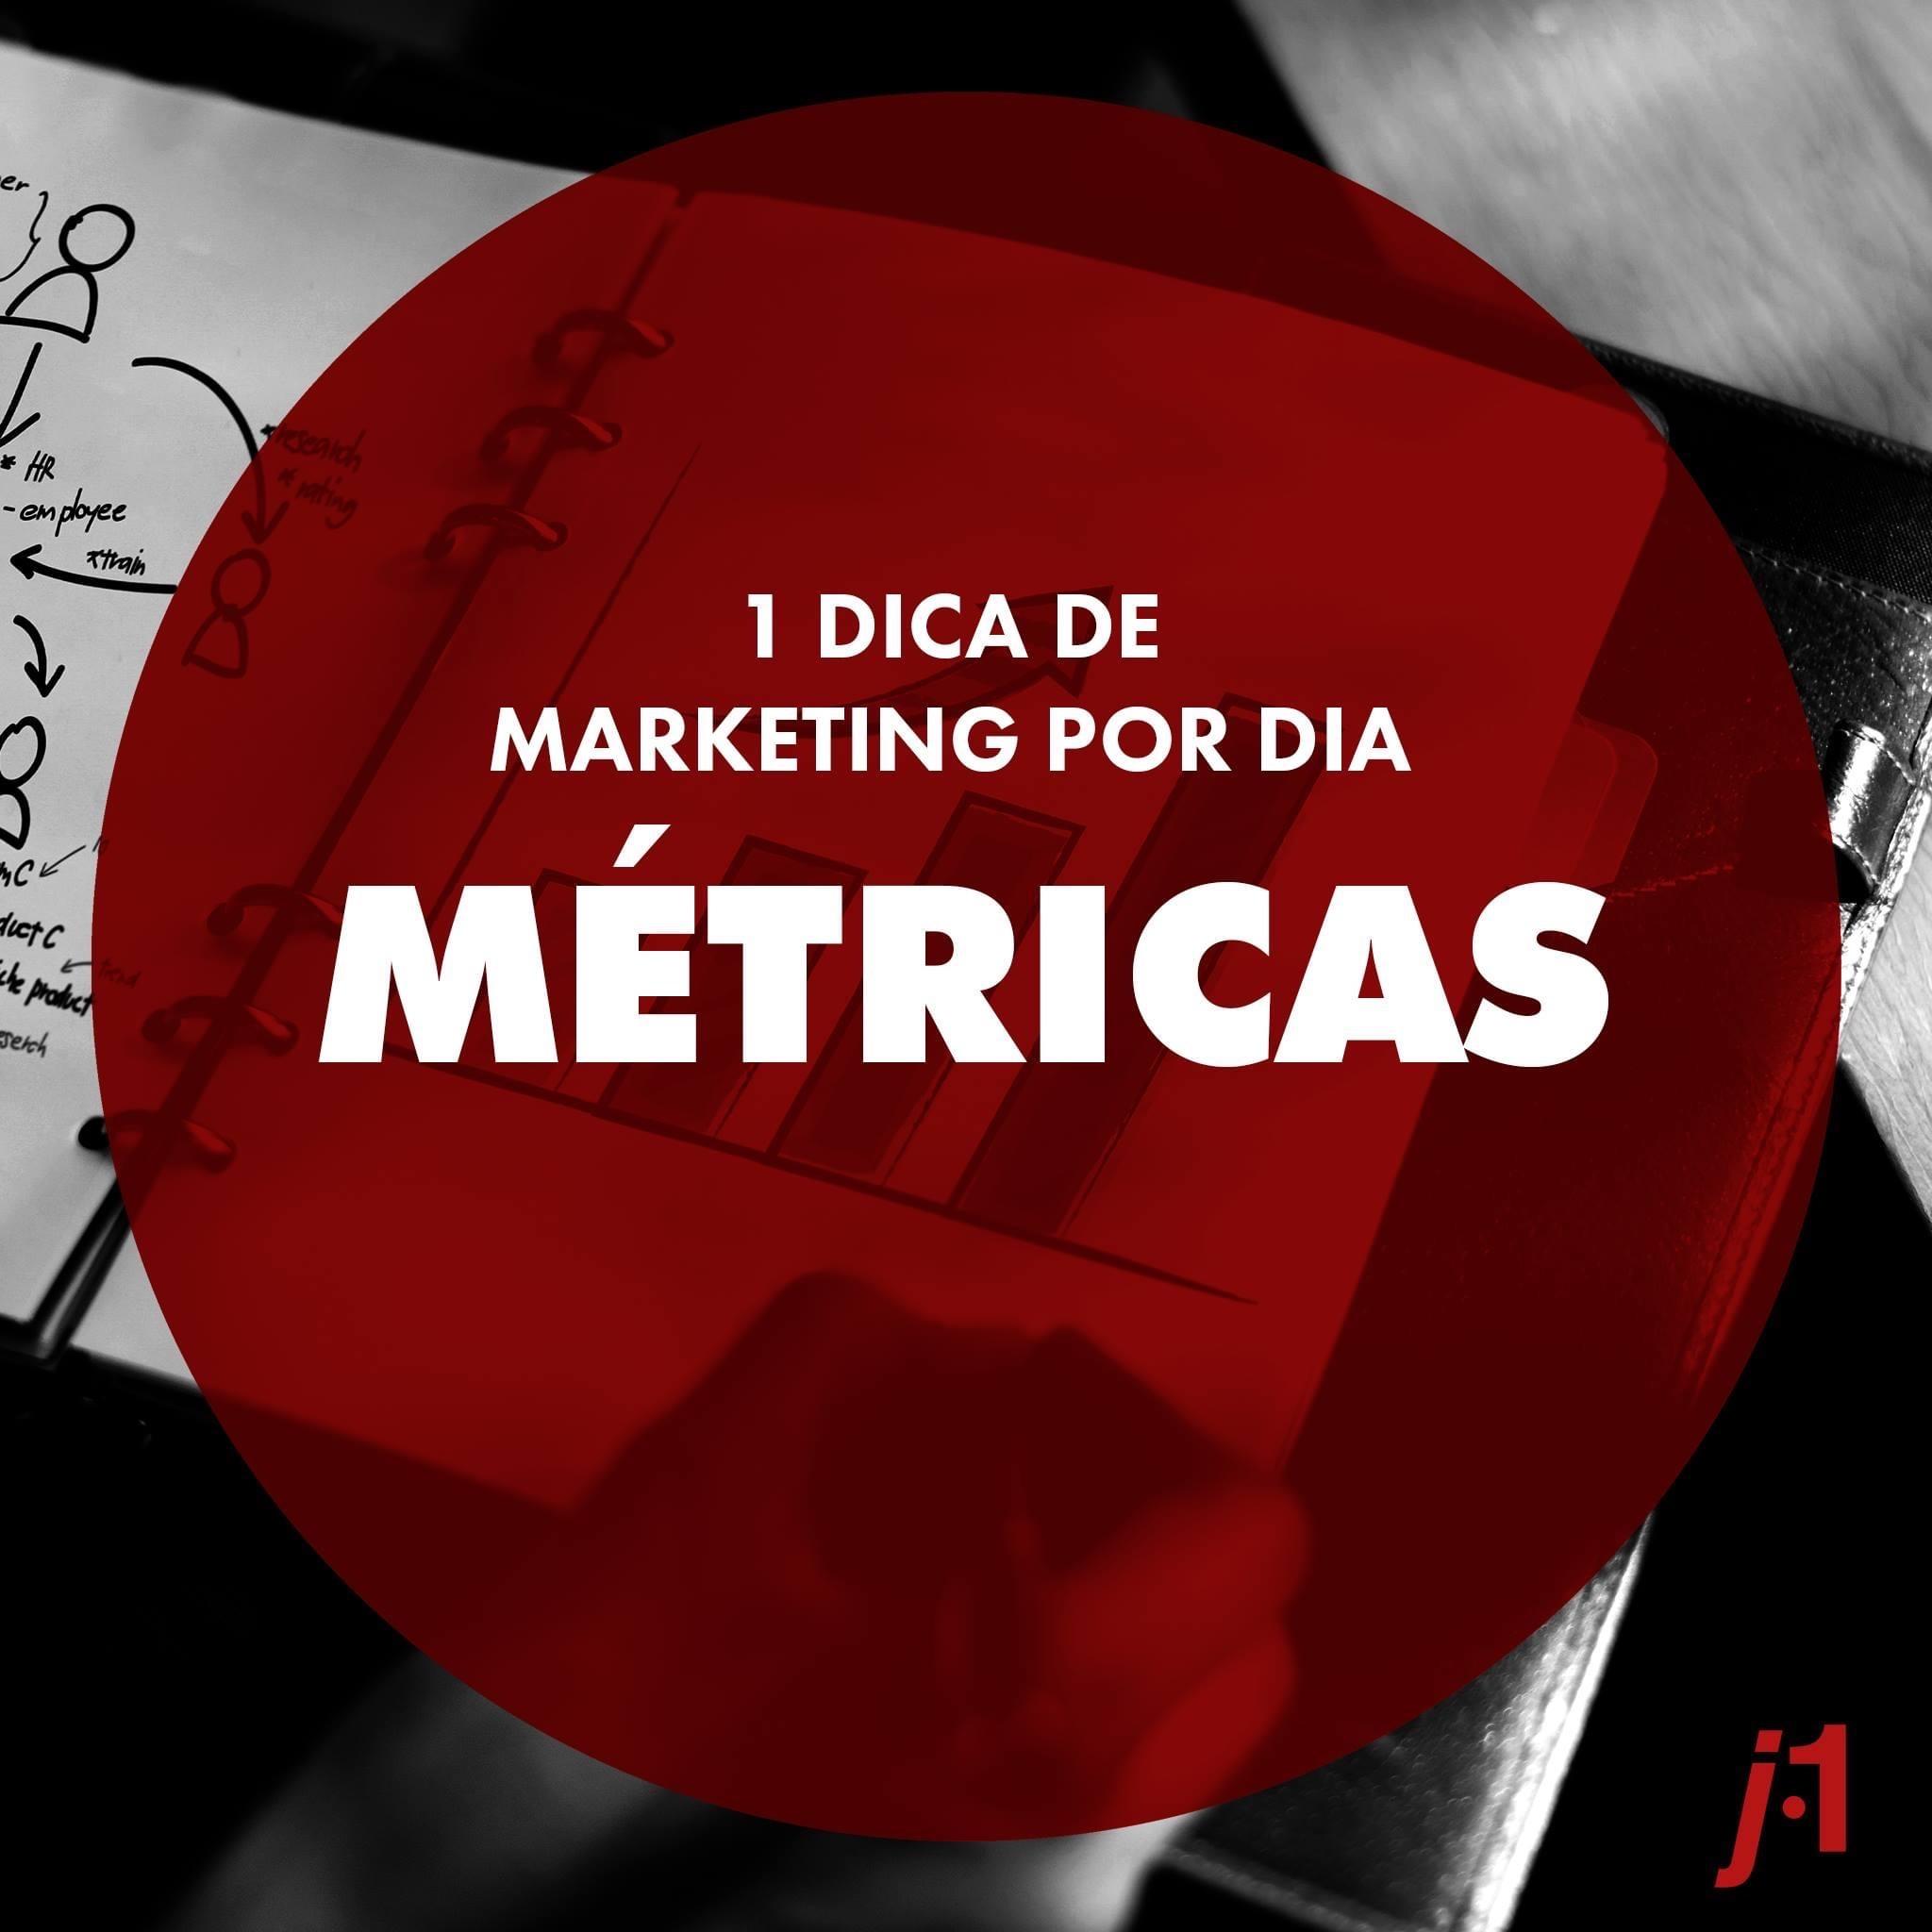 Dicas de Marketing - Métricas